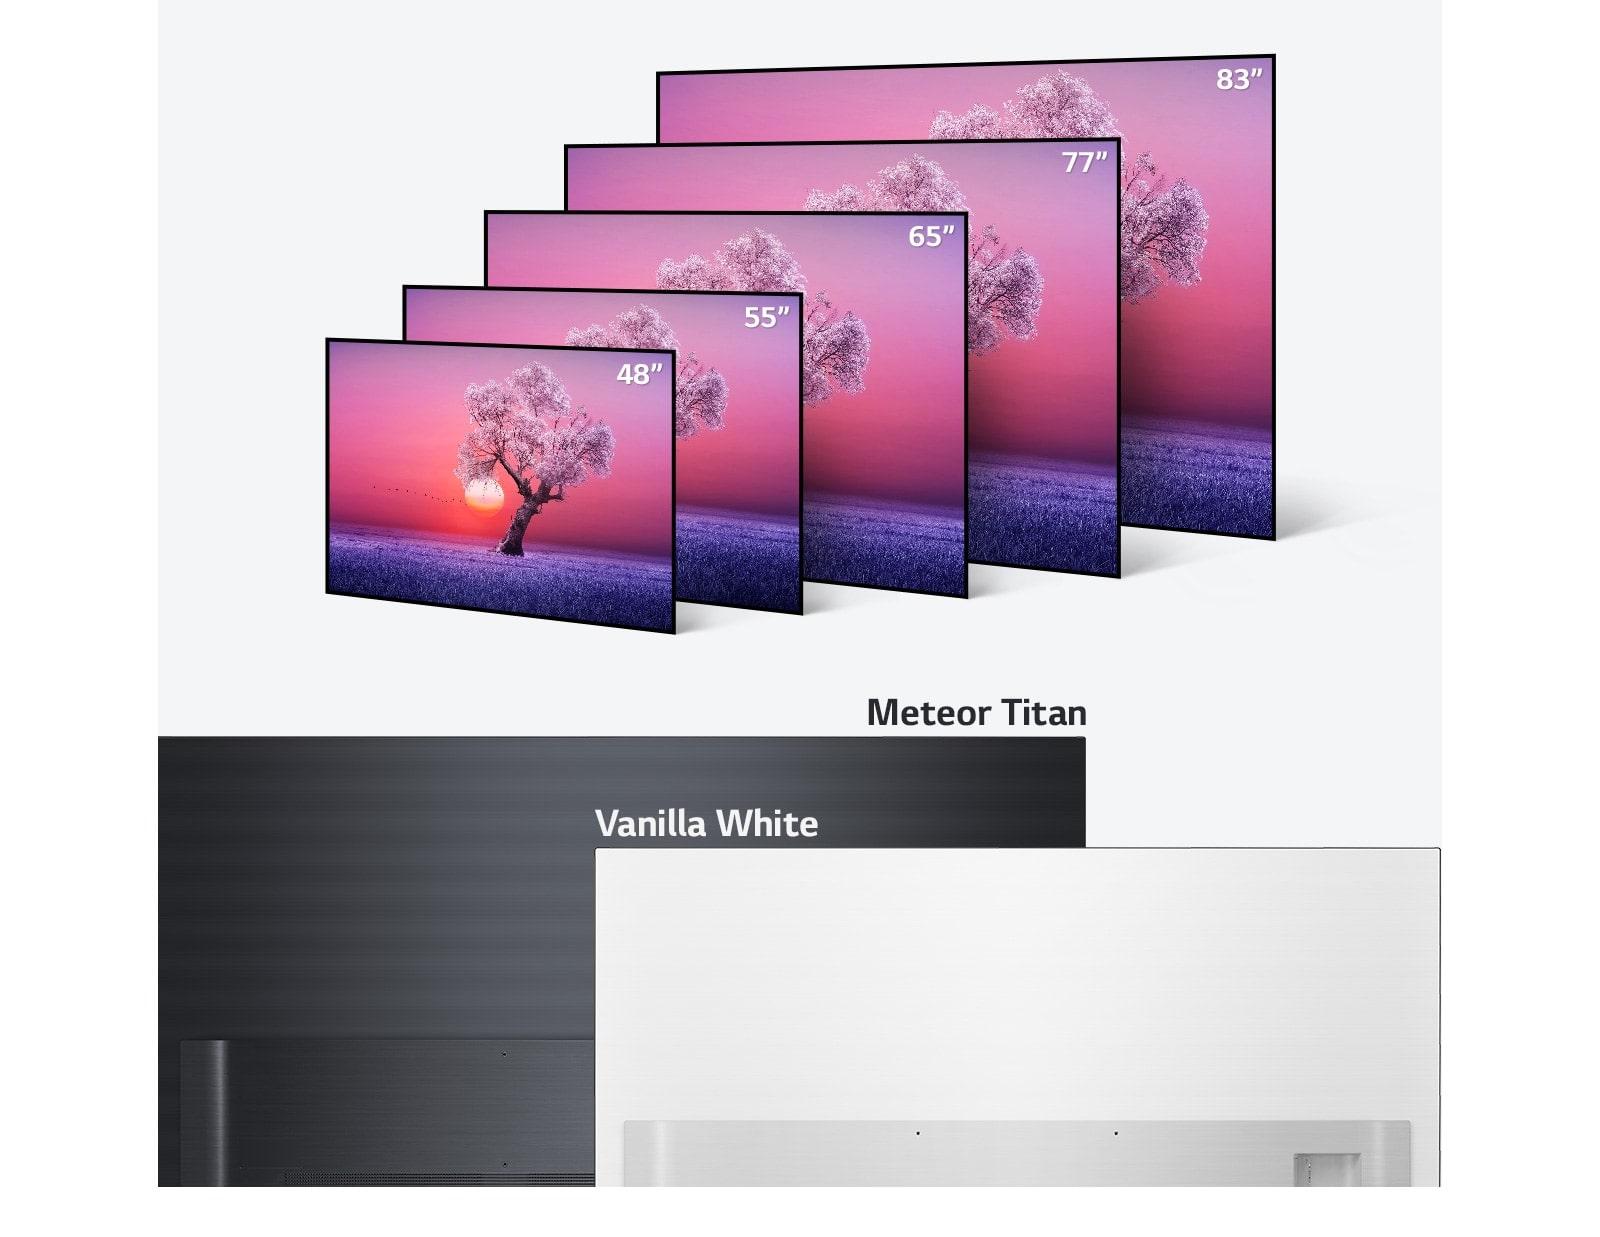 I membri della famiglia di TV OLED LG sono disponibili nelle dimensioni da 48 pollici a 83 pollici e in una varietà di colori, dal nero pallido al bianco vaniglia.